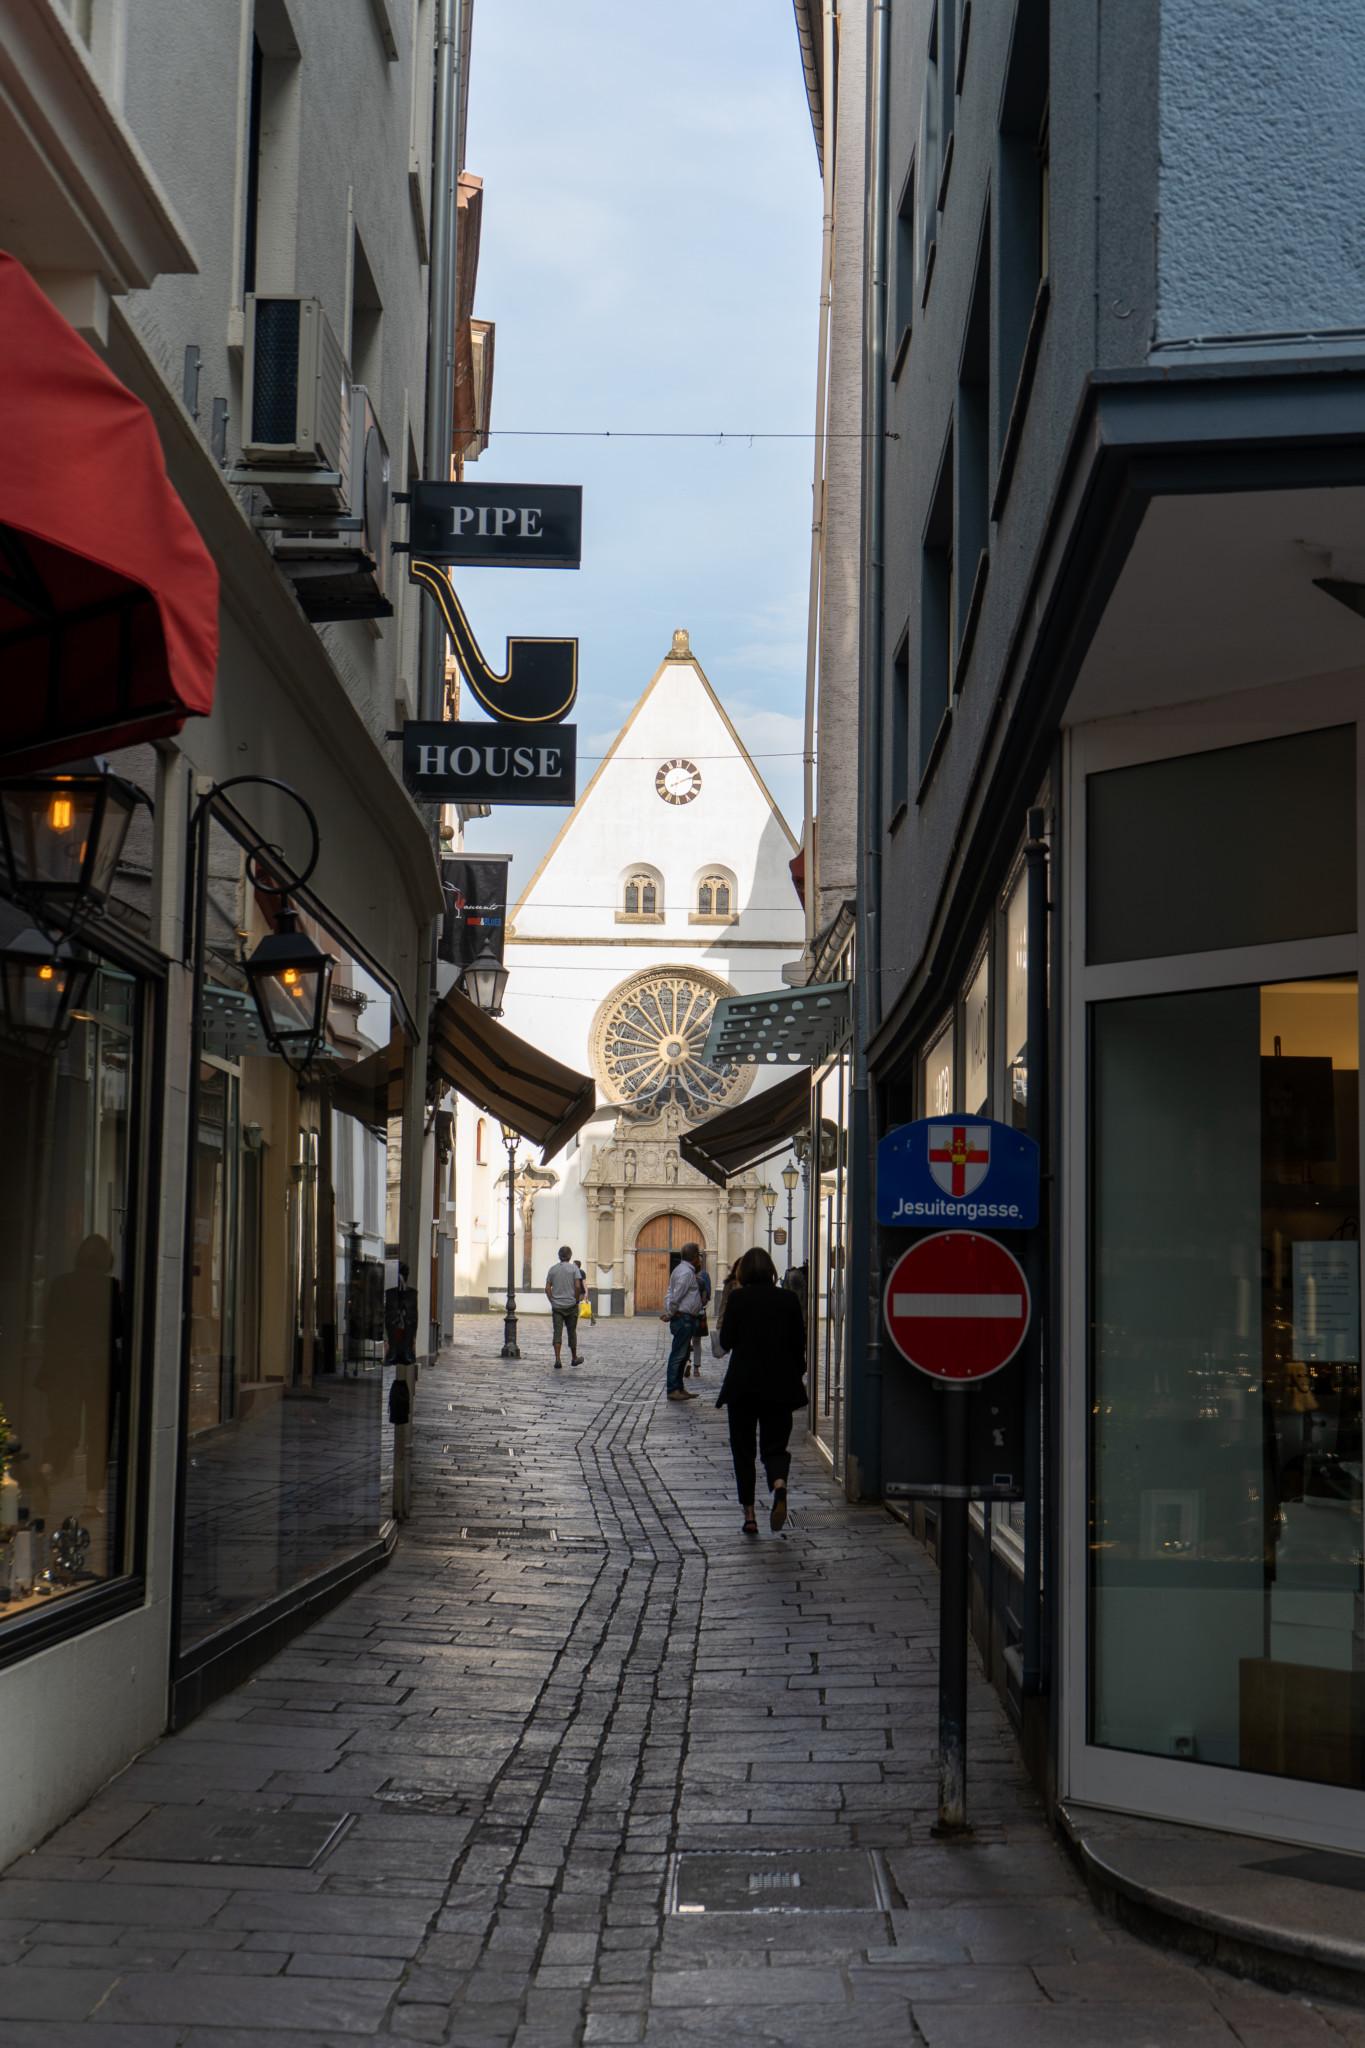 Die schöne Altstadt von Koblenz